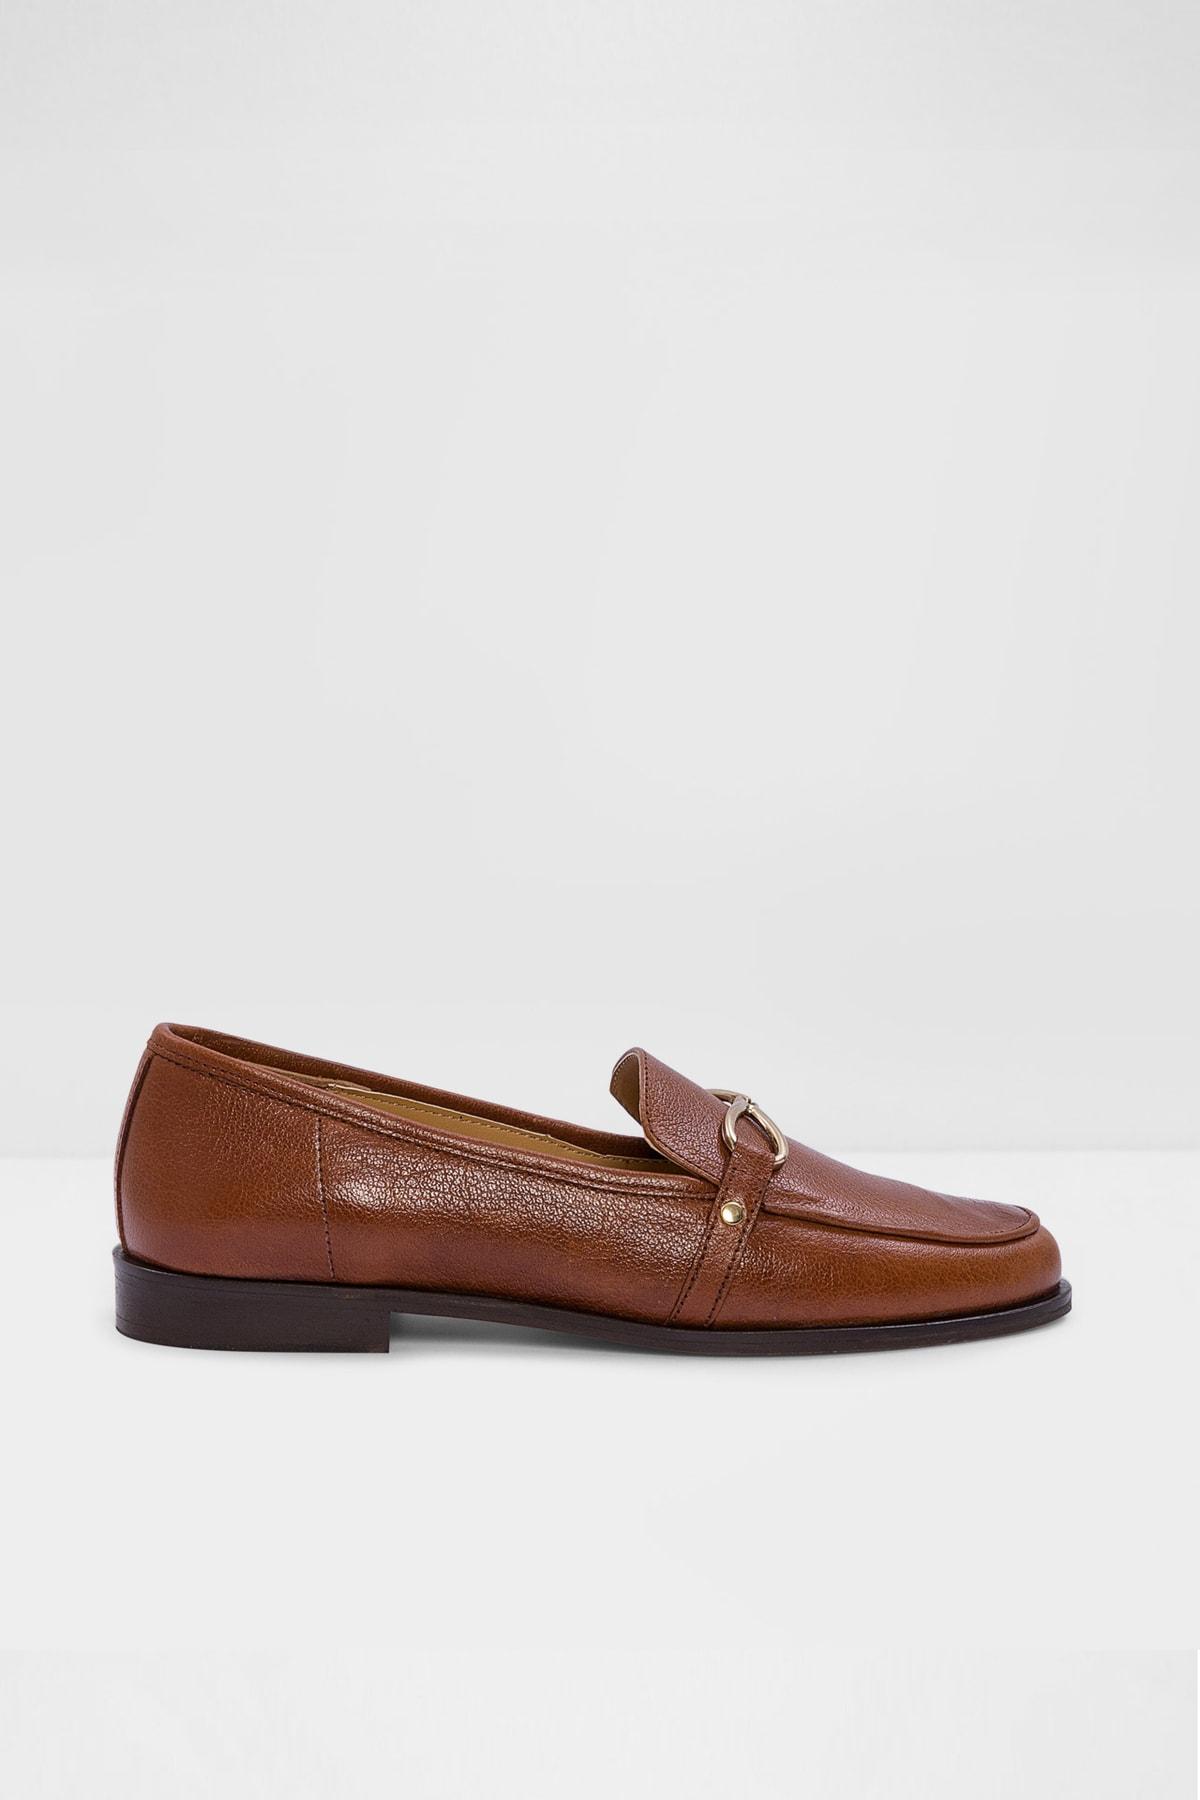 Aldo Afaucıa-tr - Taba Kadın Loafer Ayakkabı 1